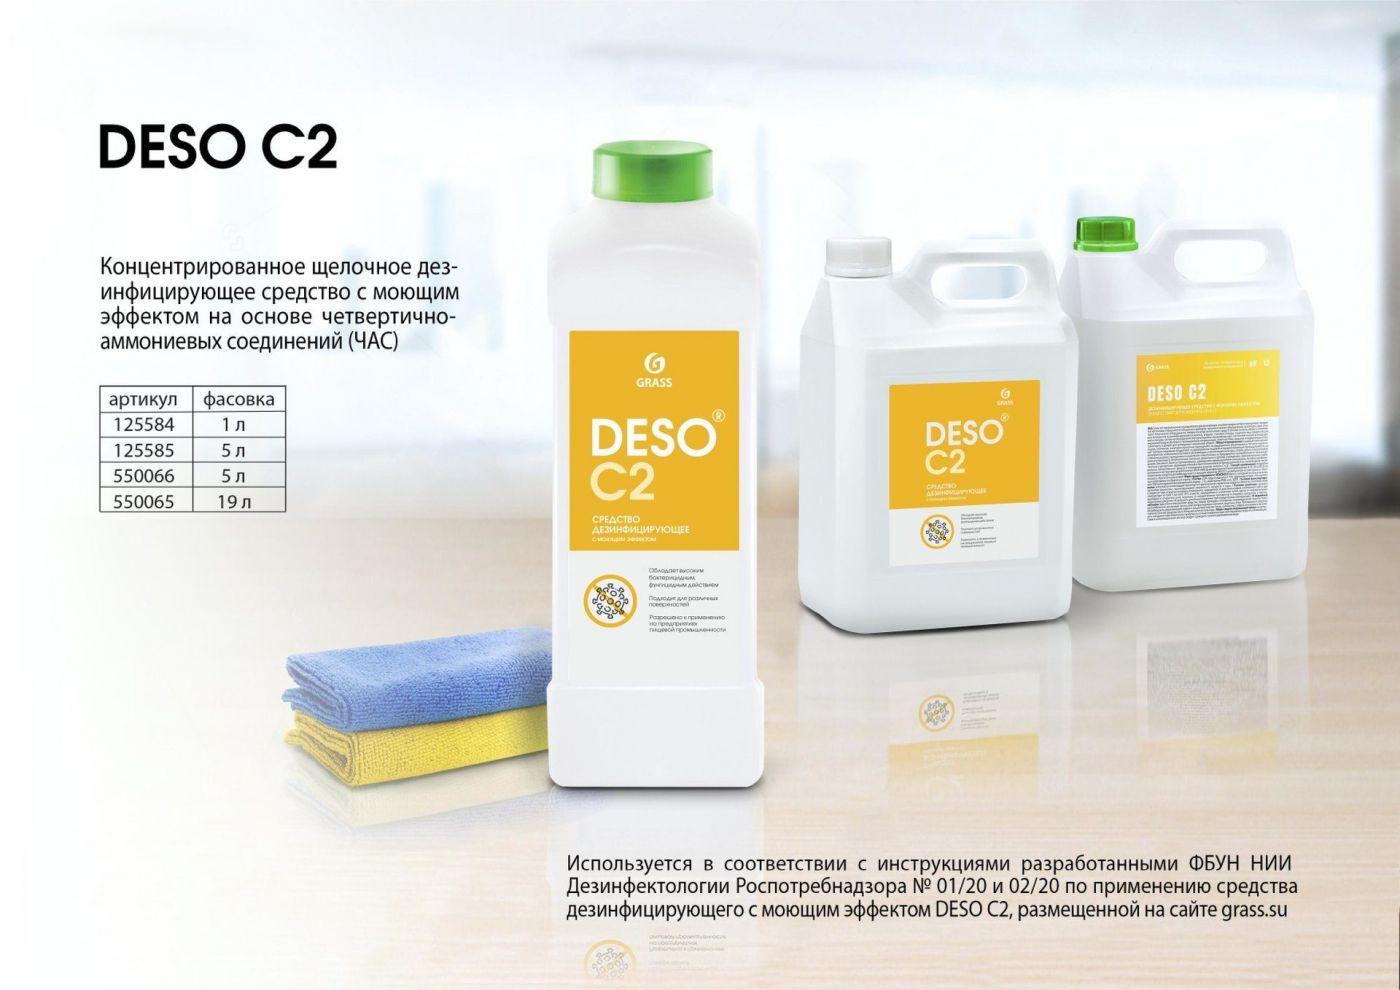 Дезинфицирующее средство с моющим эффектом на основе ЧАС DESO C2 клининг (канистра 1 л) 125584